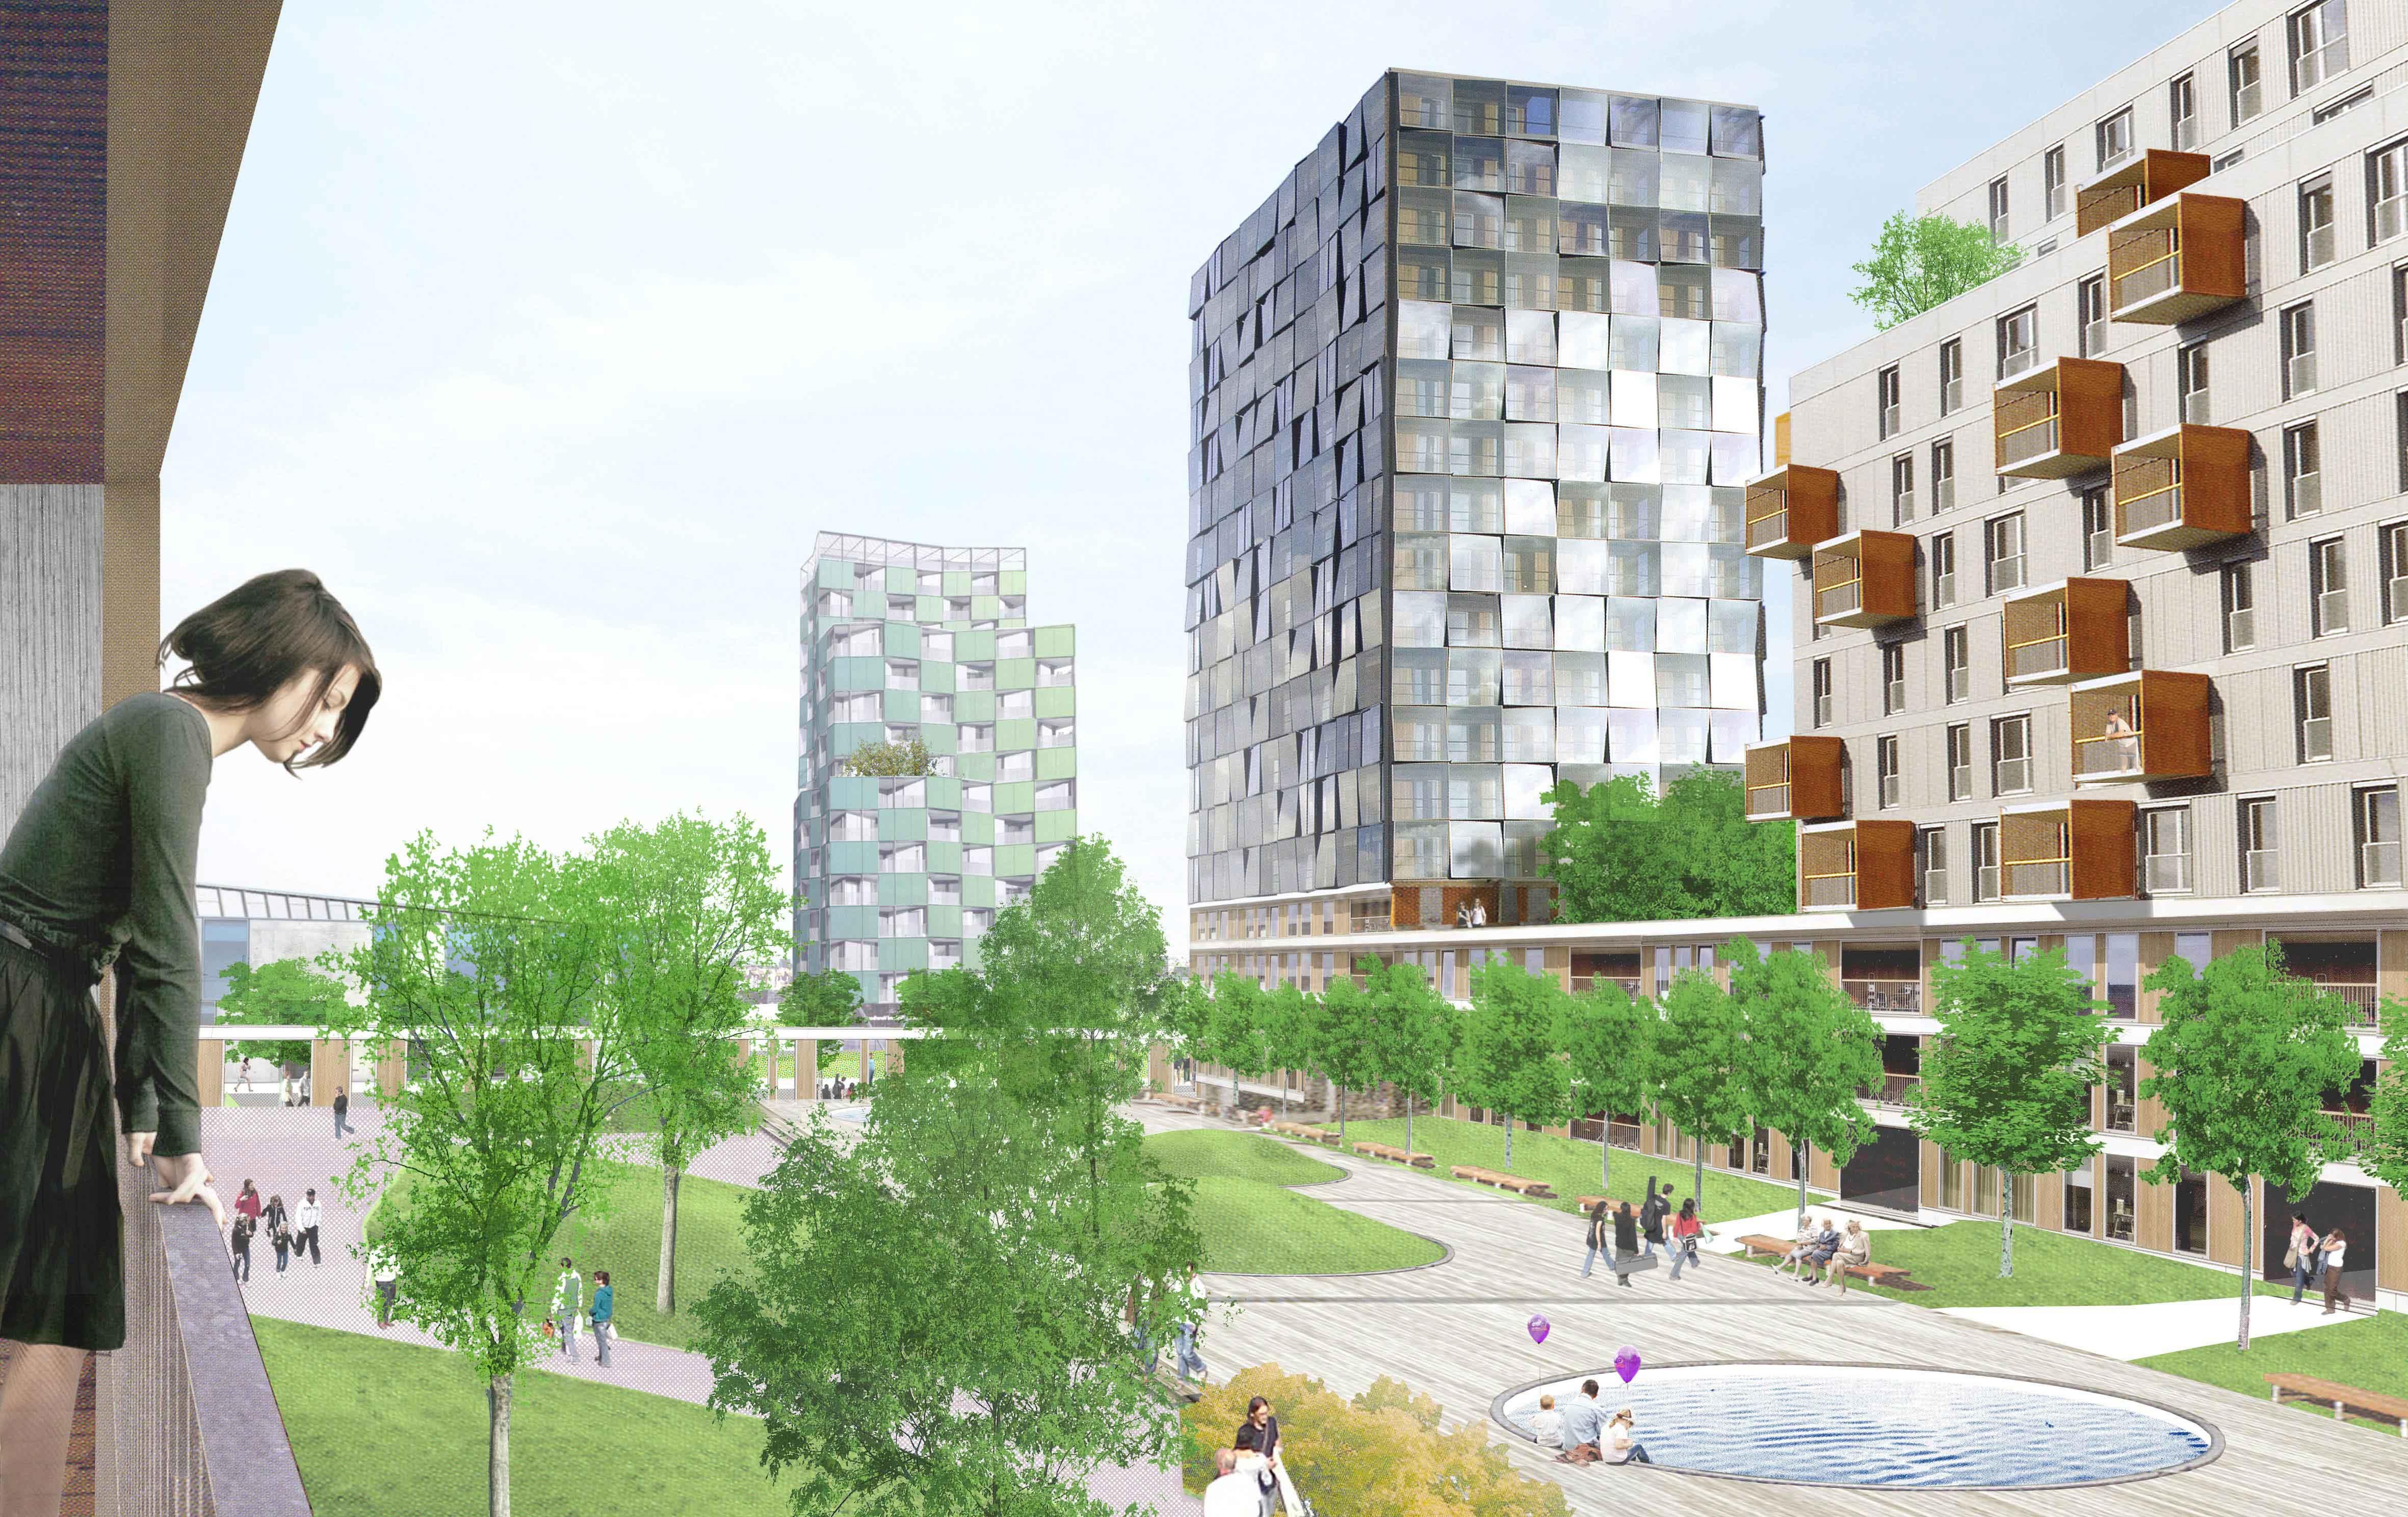 Prolongaci n de la castellana la ciudad dentro de la for Plataforma de arquitectura